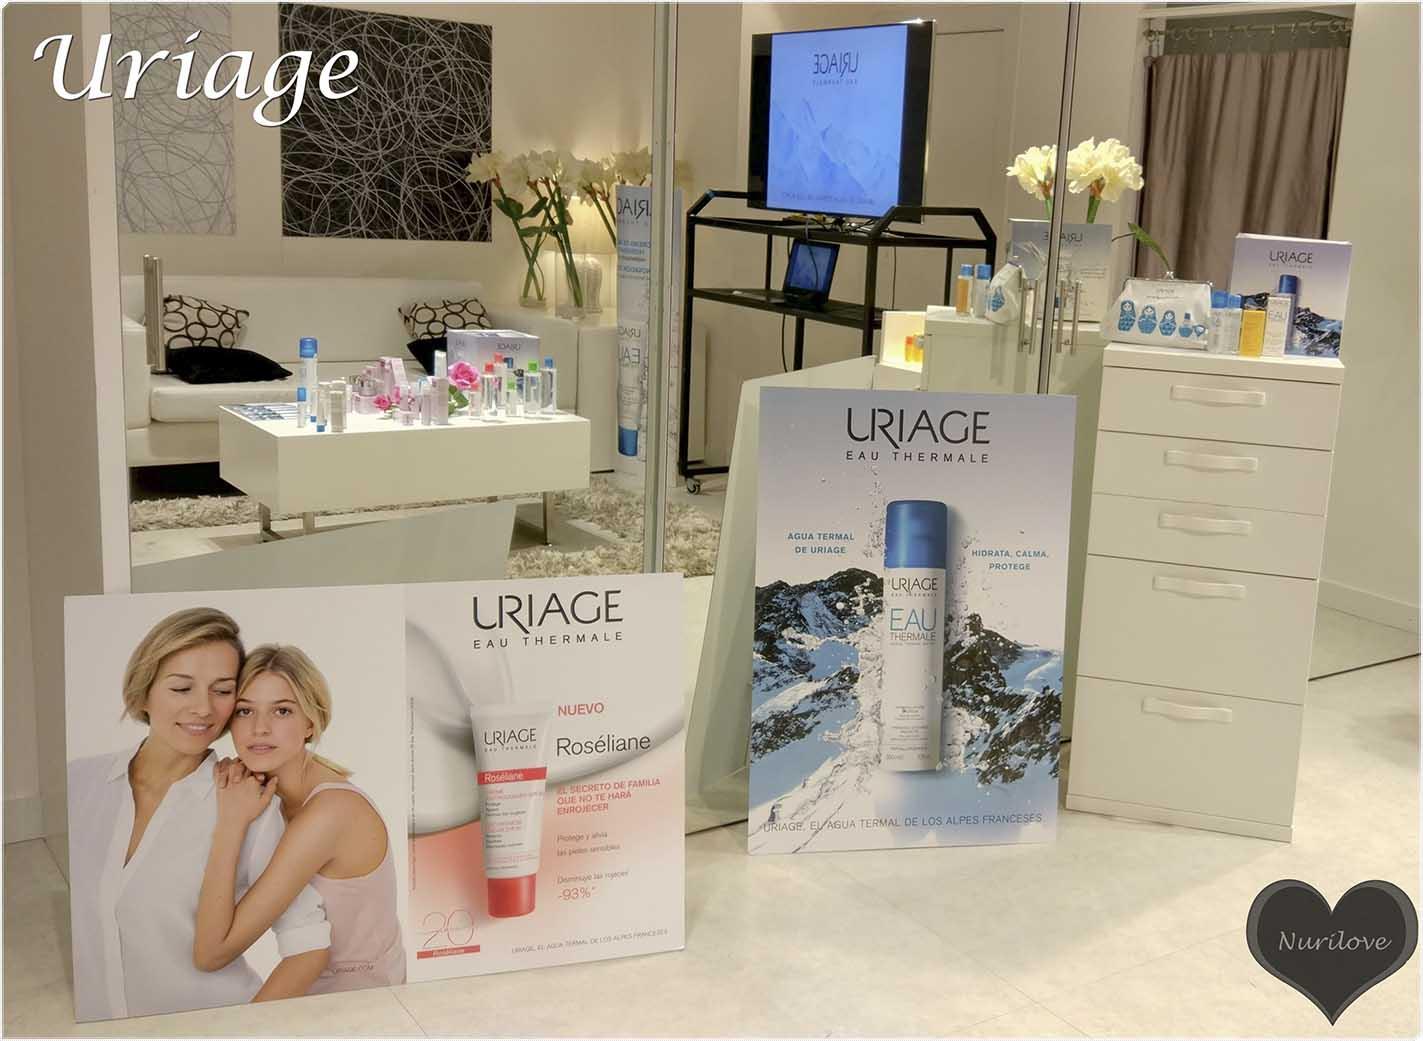 una marca de cosmetica francesa con agua termal